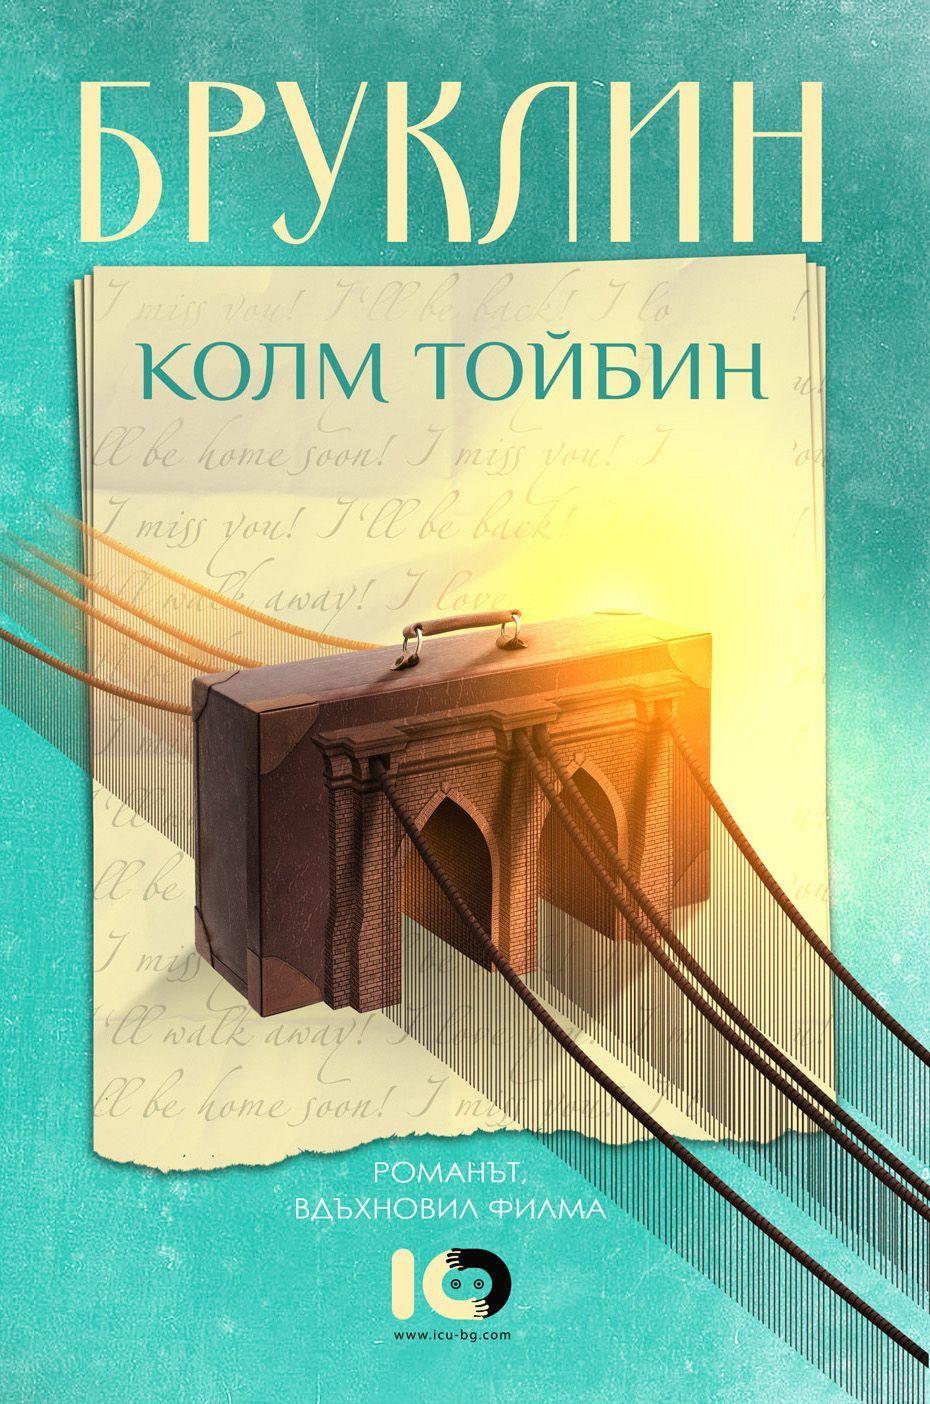 """""""Бруклин"""" на Колм Тойбин - роман за дома, който не ни пуска, и несъстоялата се еманципация"""